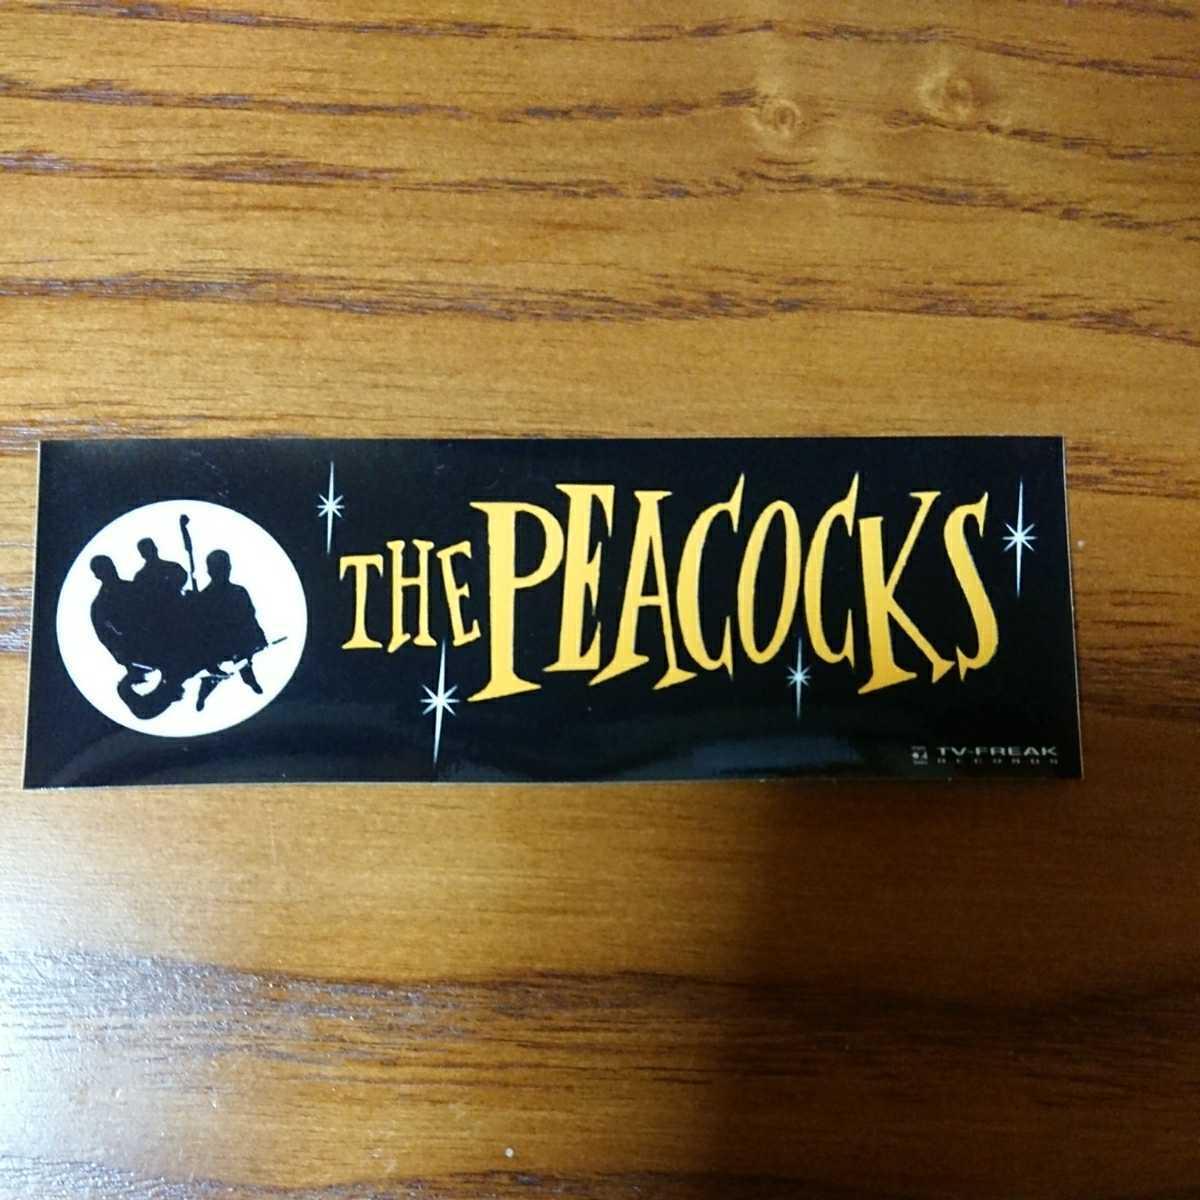 THE-PEACOCKSザ・ピーコックスCD/ロカビリー・ネオロカビリー・サイコビリー・ジャズ・パンクロック・ロックンロール_画像8